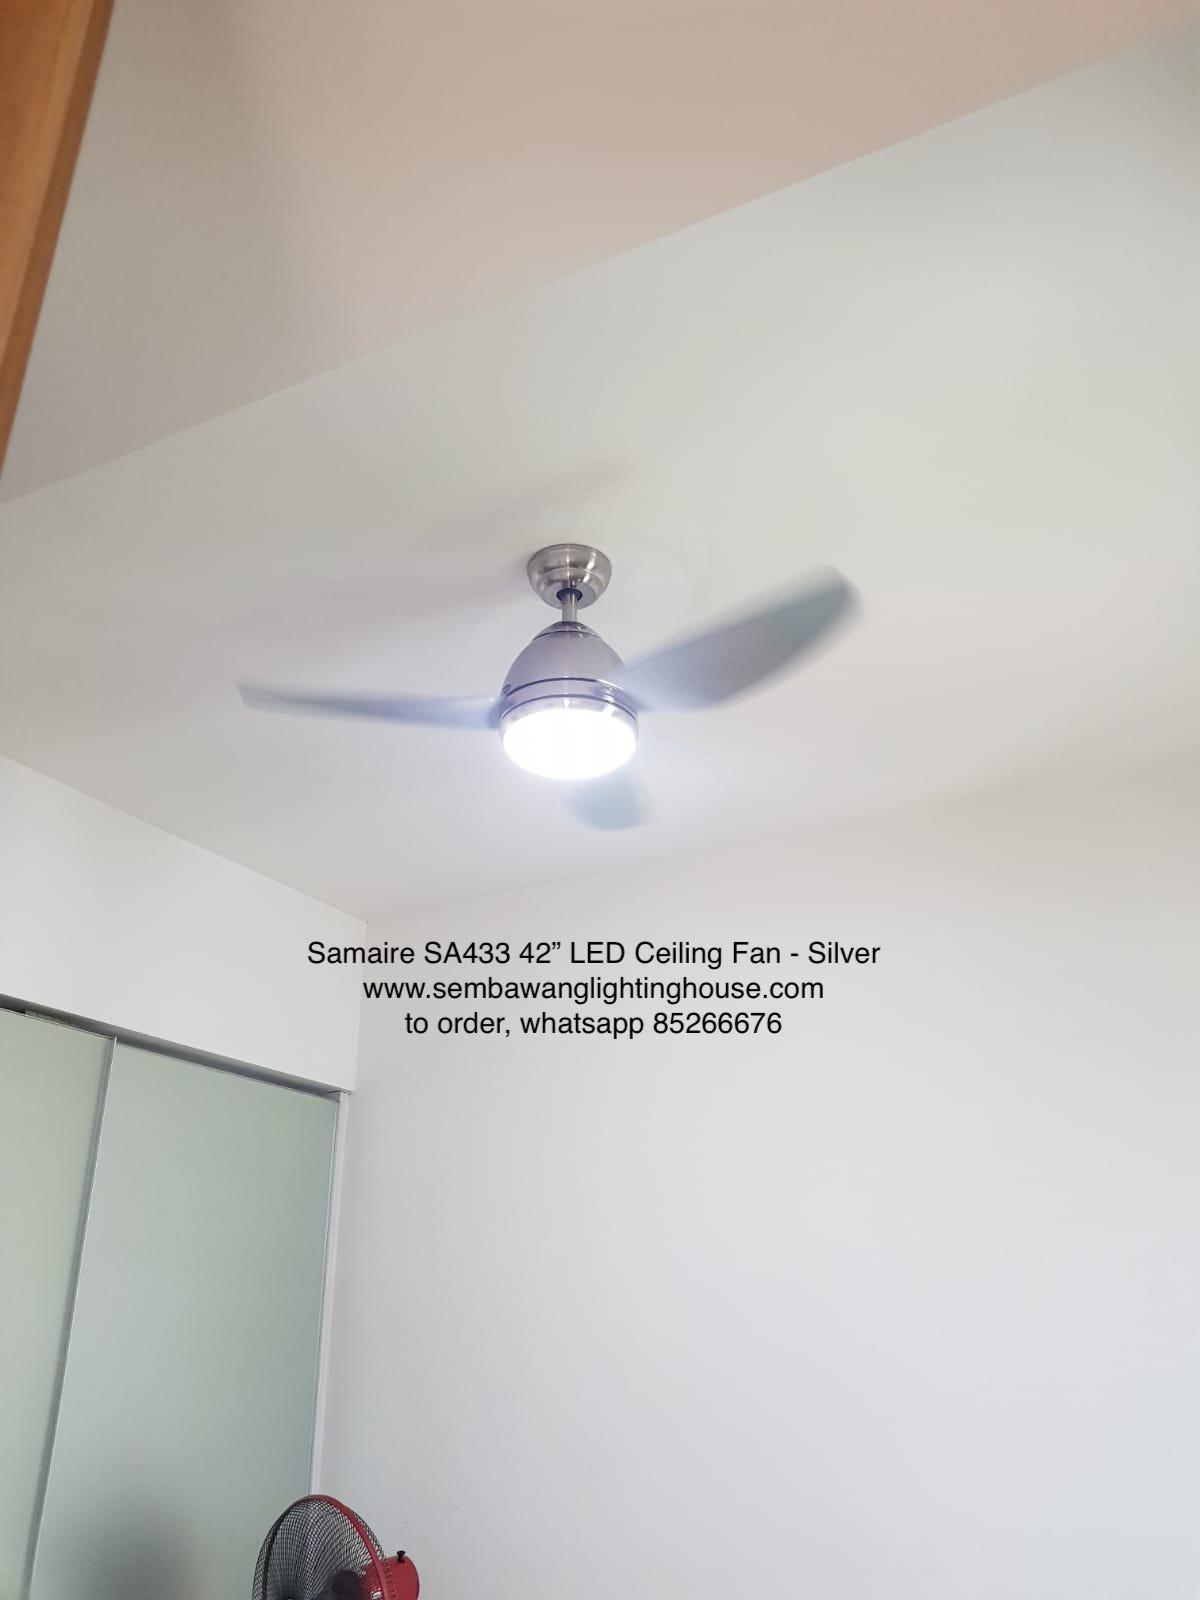 sample01-samaire-sa433-led-ceiling-fan-silver-sembawang-lighting-house.jpg